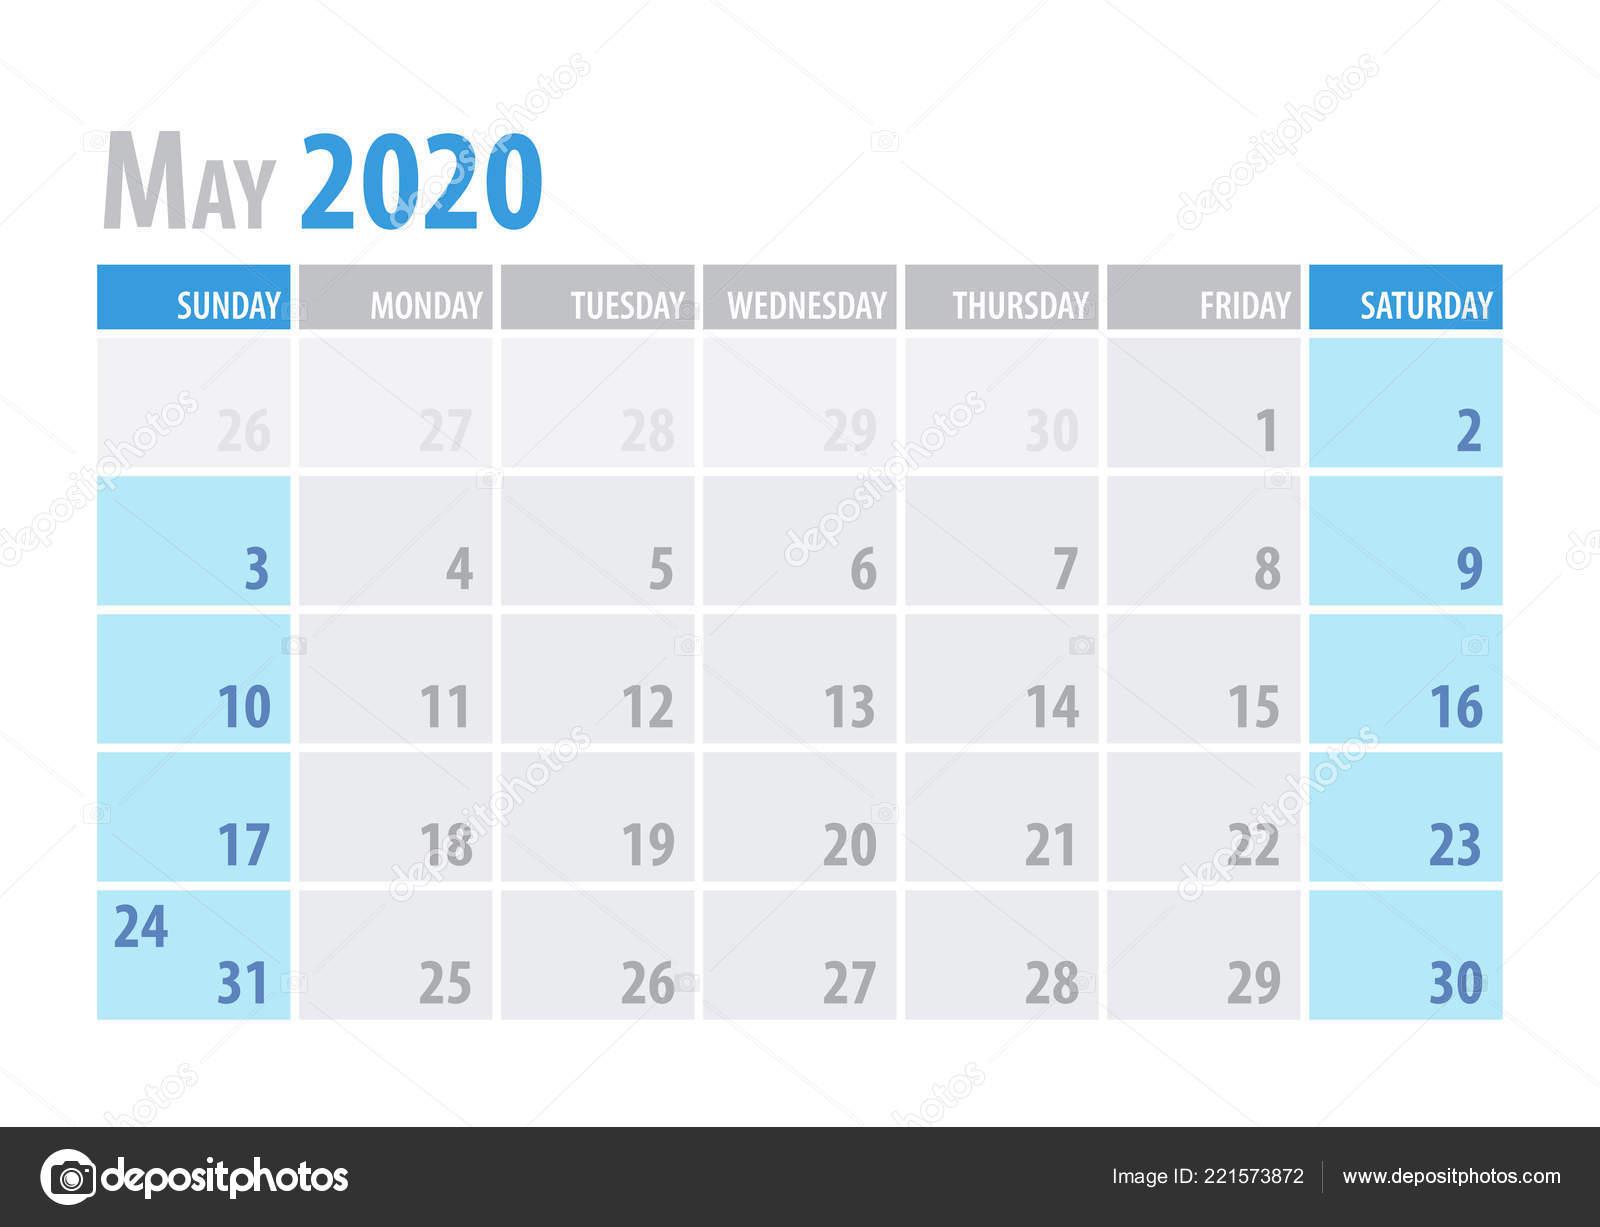 Calendario Mese Di Maggio 2020.Maggio Calendario Planner 2020 In Stile Semplice E Pulito